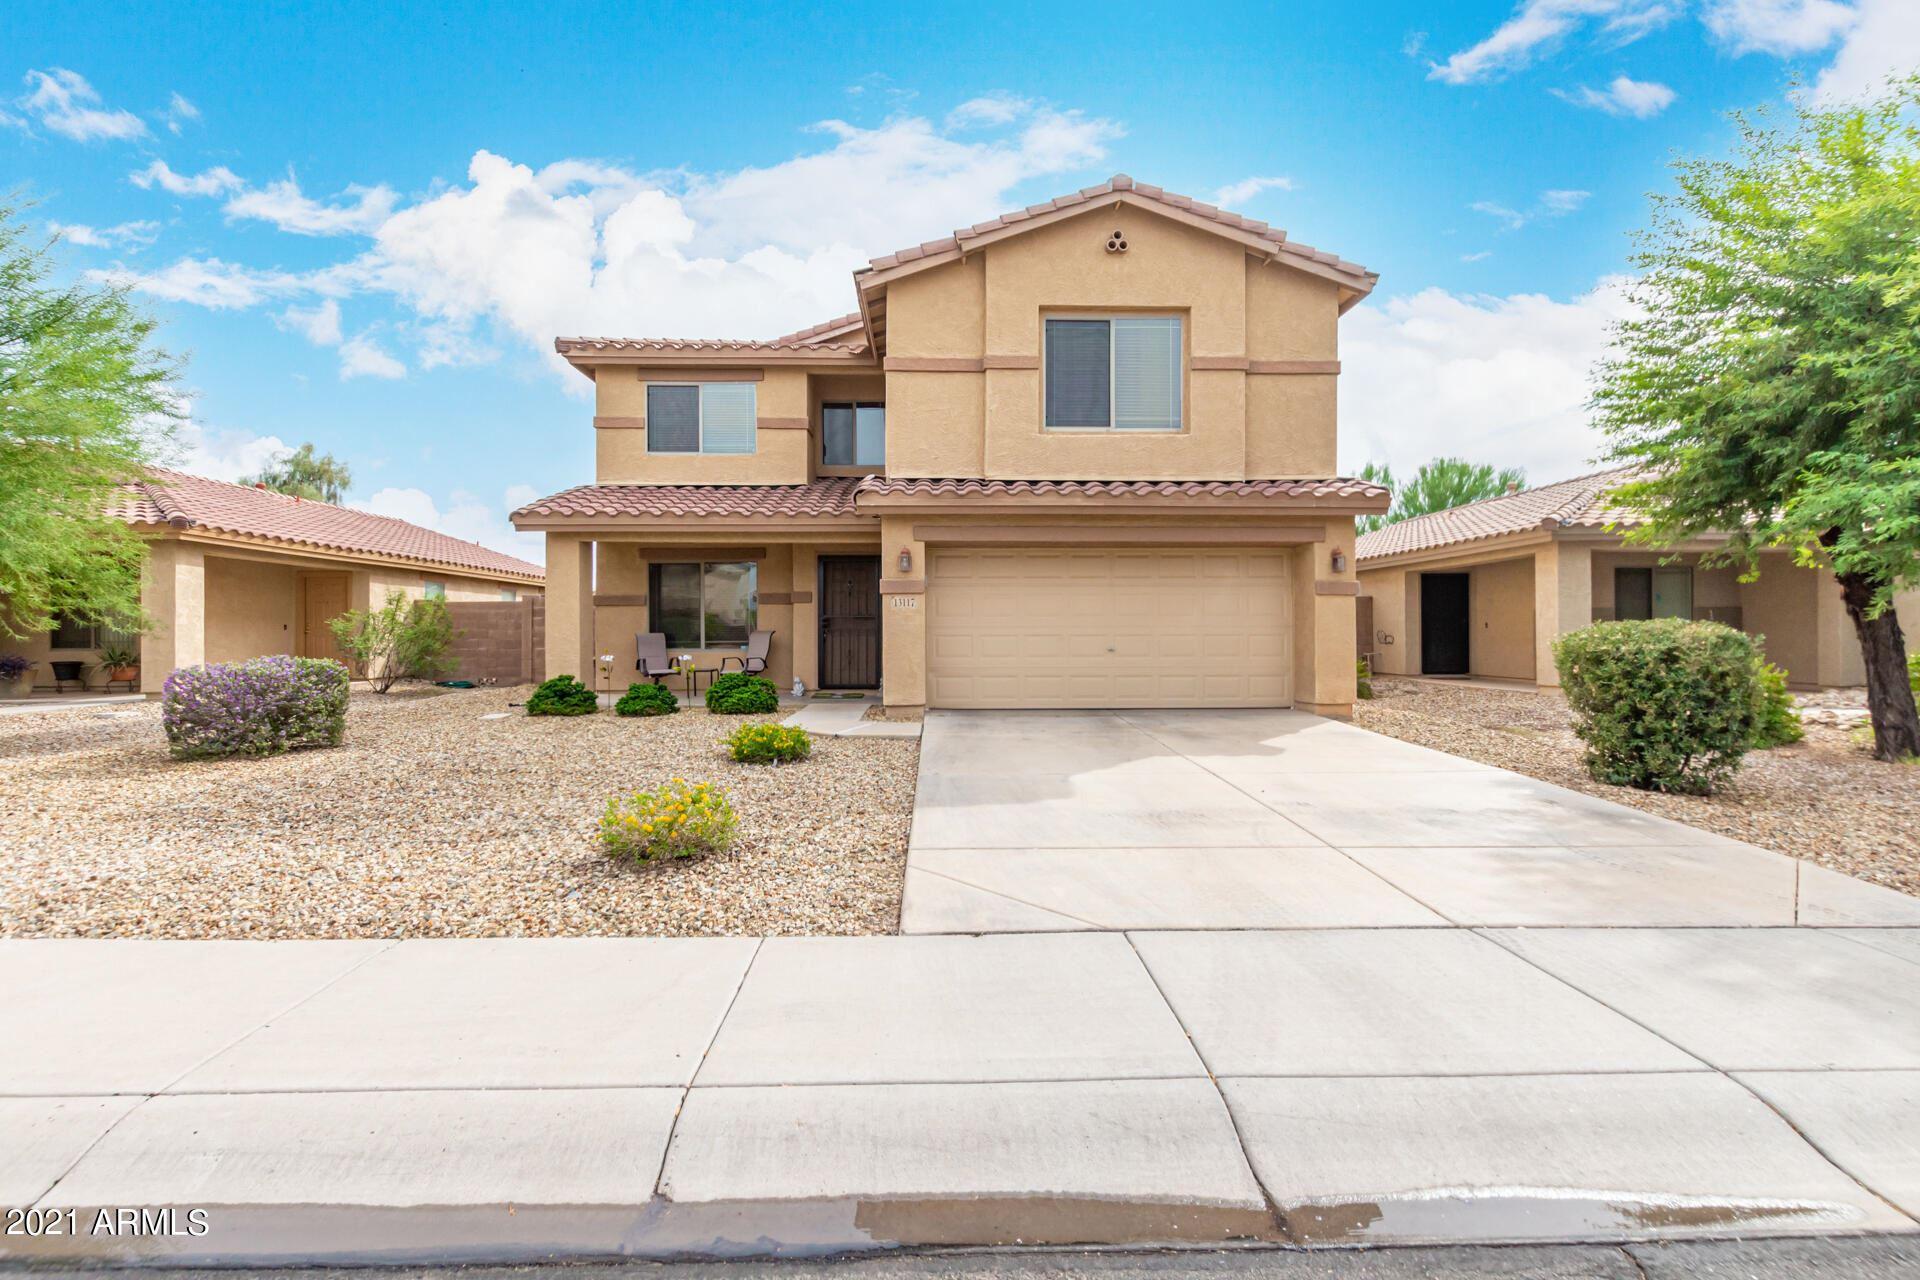 Photo of 13117 W FAIRMONT Avenue, Litchfield Park, AZ 85340 (MLS # 6306028)